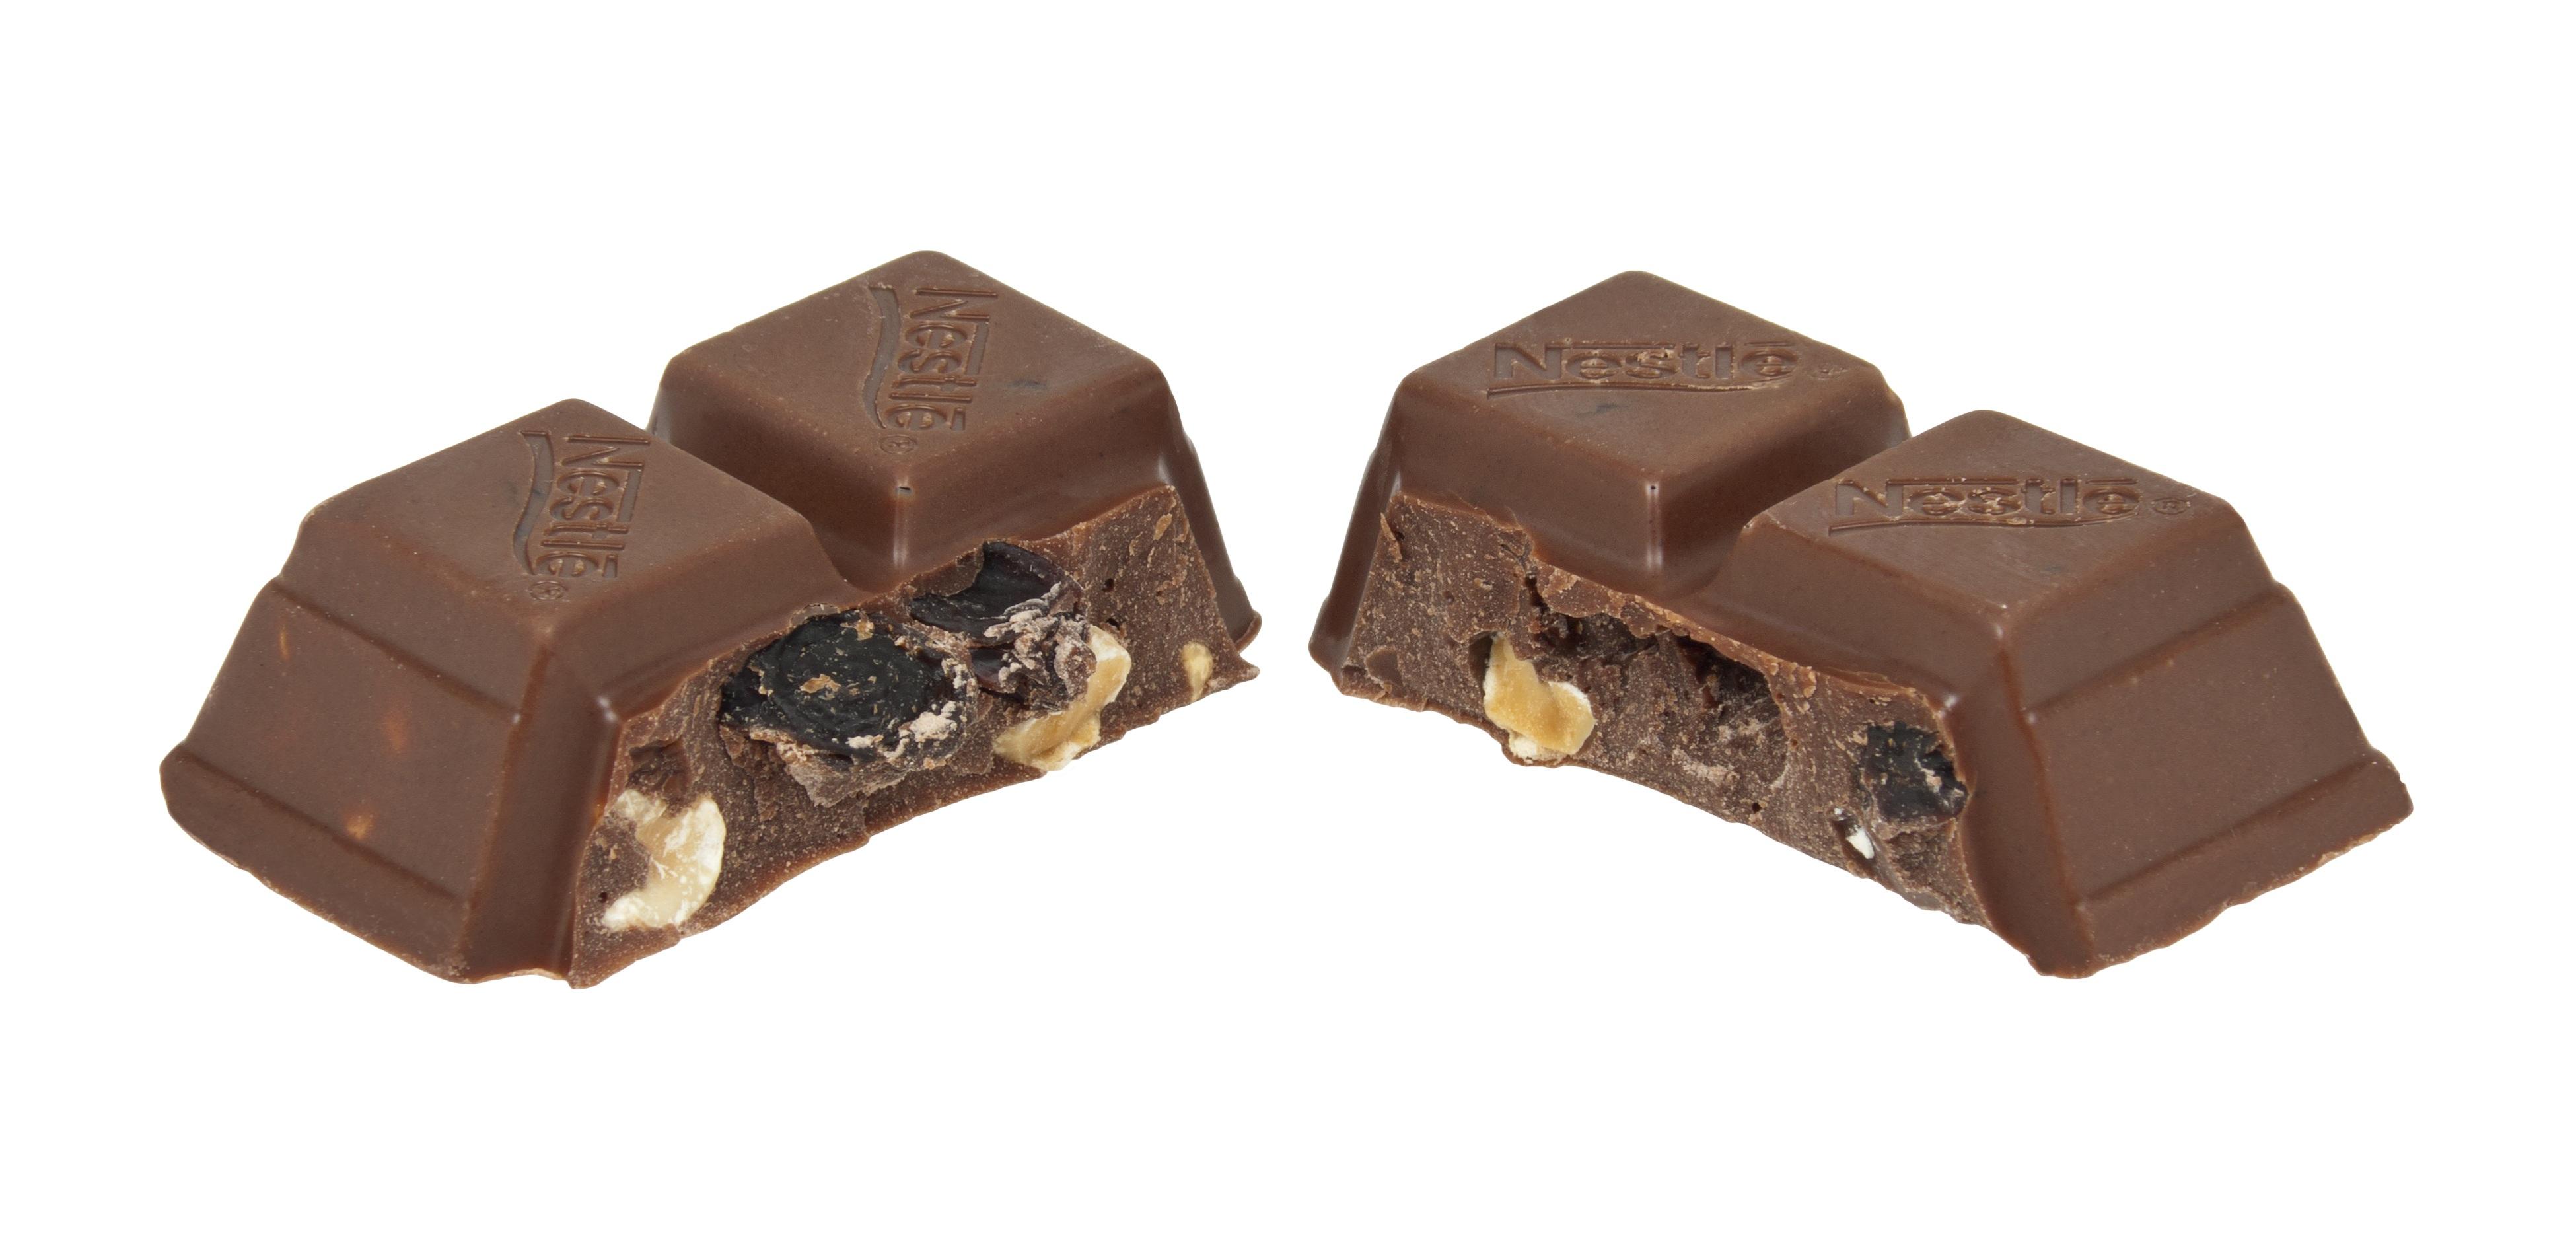 Free Images : sweet, food, broken, dessert, delicious, fudge ...